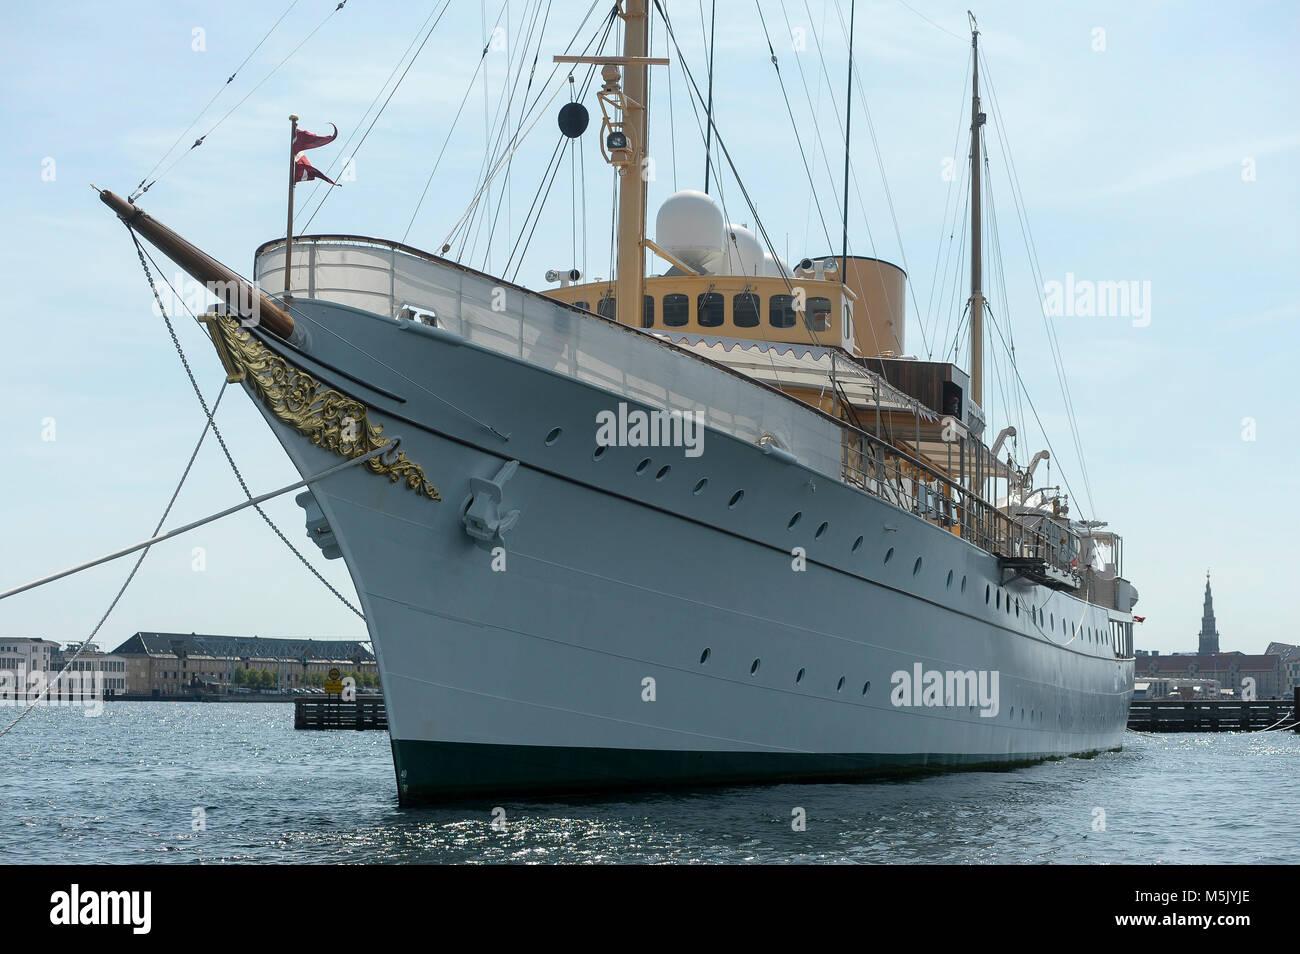 Kongeskibet Dannebrog (Her Danish Majesty's Yacht Dannebrog) built in 1932 in Copenhagen, Denmark, August 6th - Stock Image